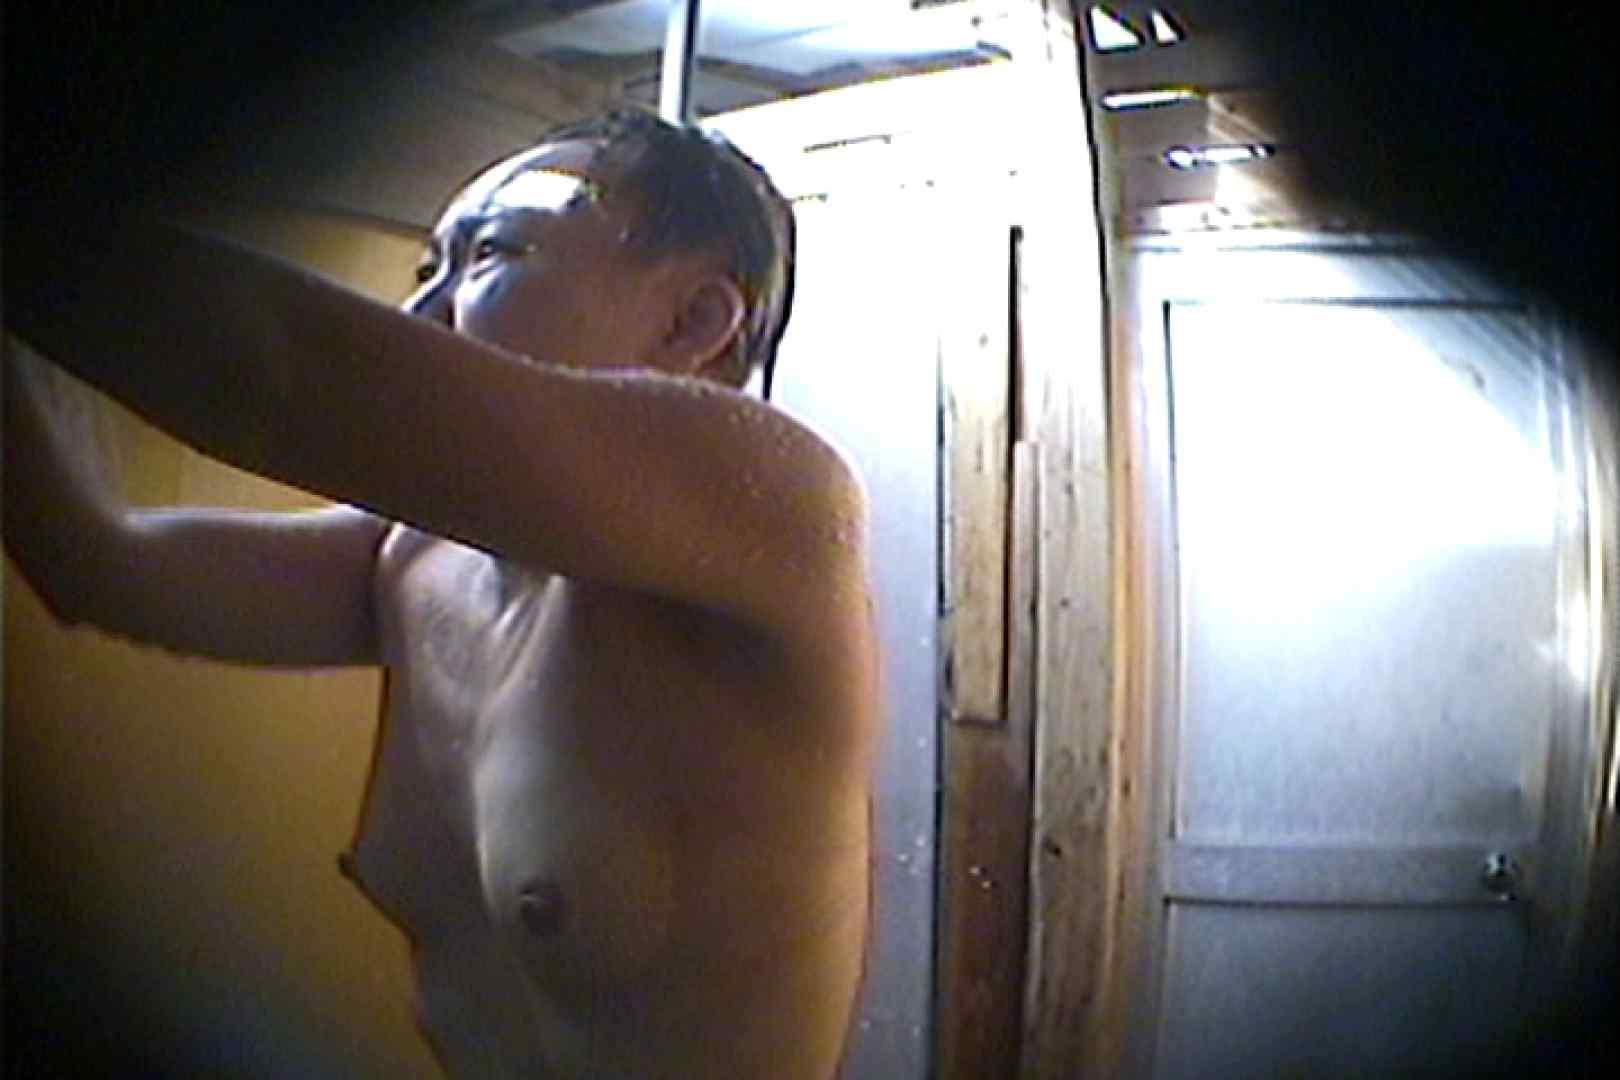 海の家の更衣室 Vol.15 シャワー | 美肌  93画像 52